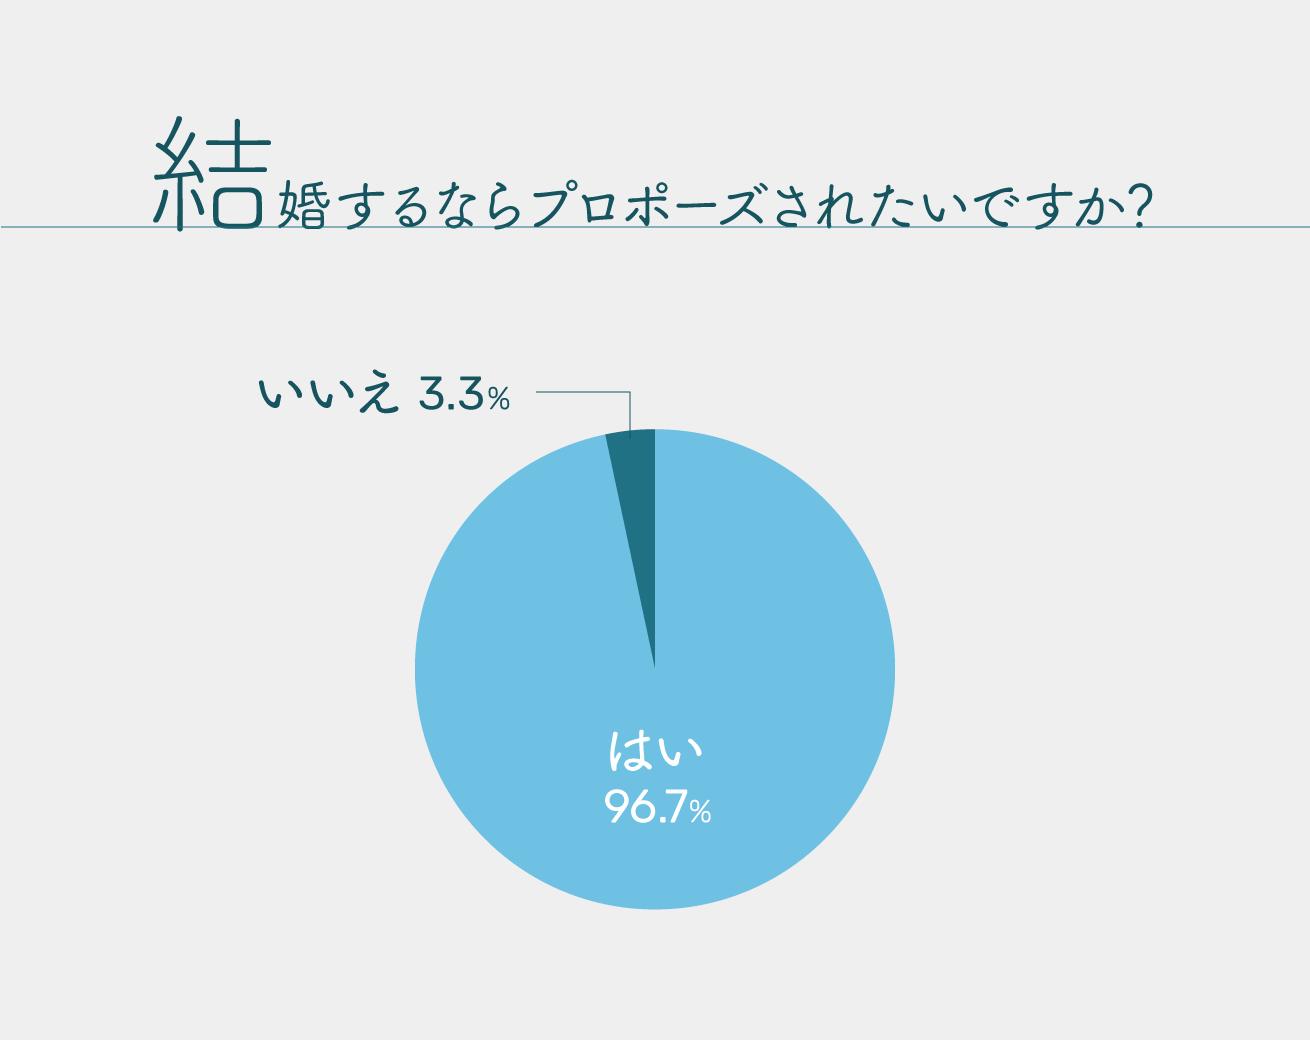 LIGの女性社員への、結婚するならプロポーズされたいですか?のアンケート結果。はい:96.7%